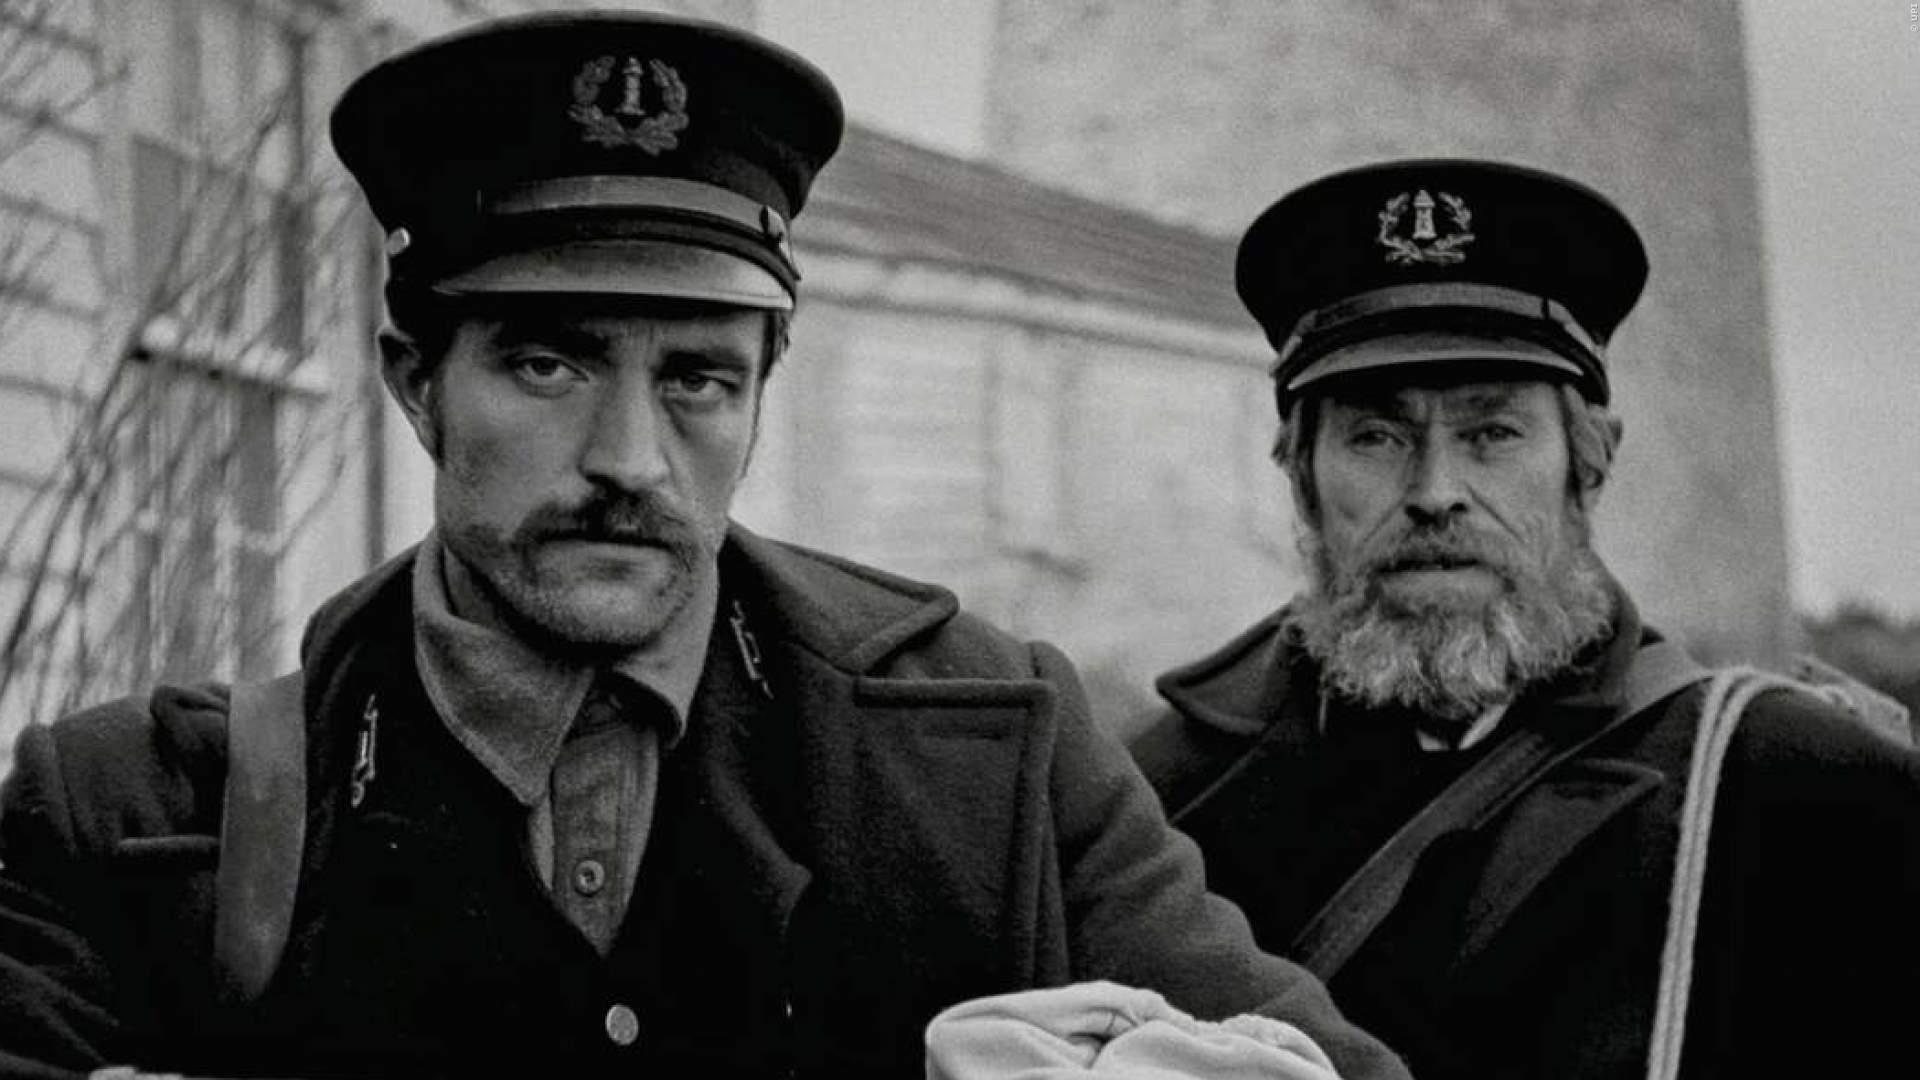 FILM-TIPP: Robert Pattinson und Willem Dafoe in einem brutalen Willens-Duell im Kino